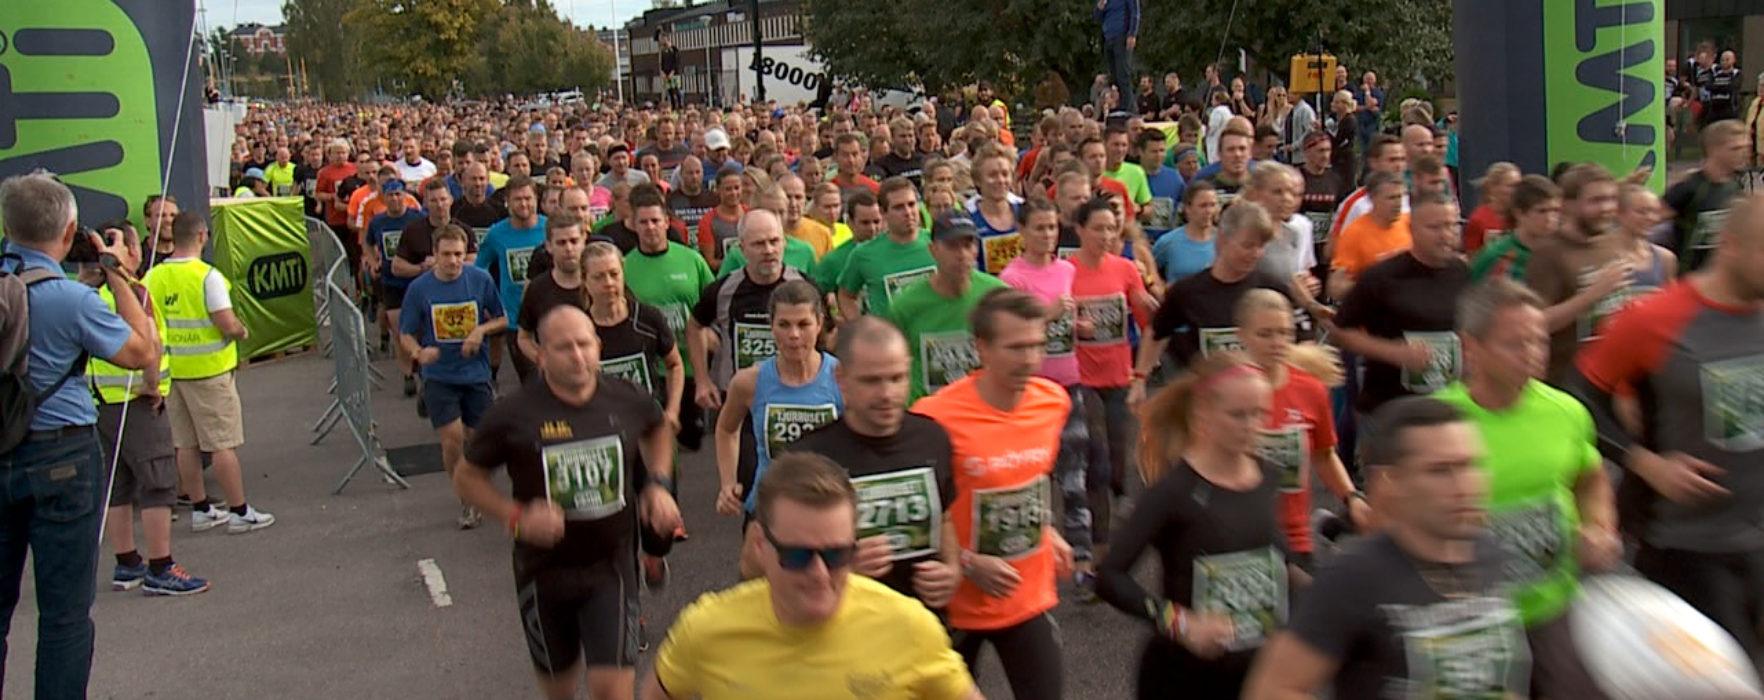 Glimt Sport – Tjurruset 2016